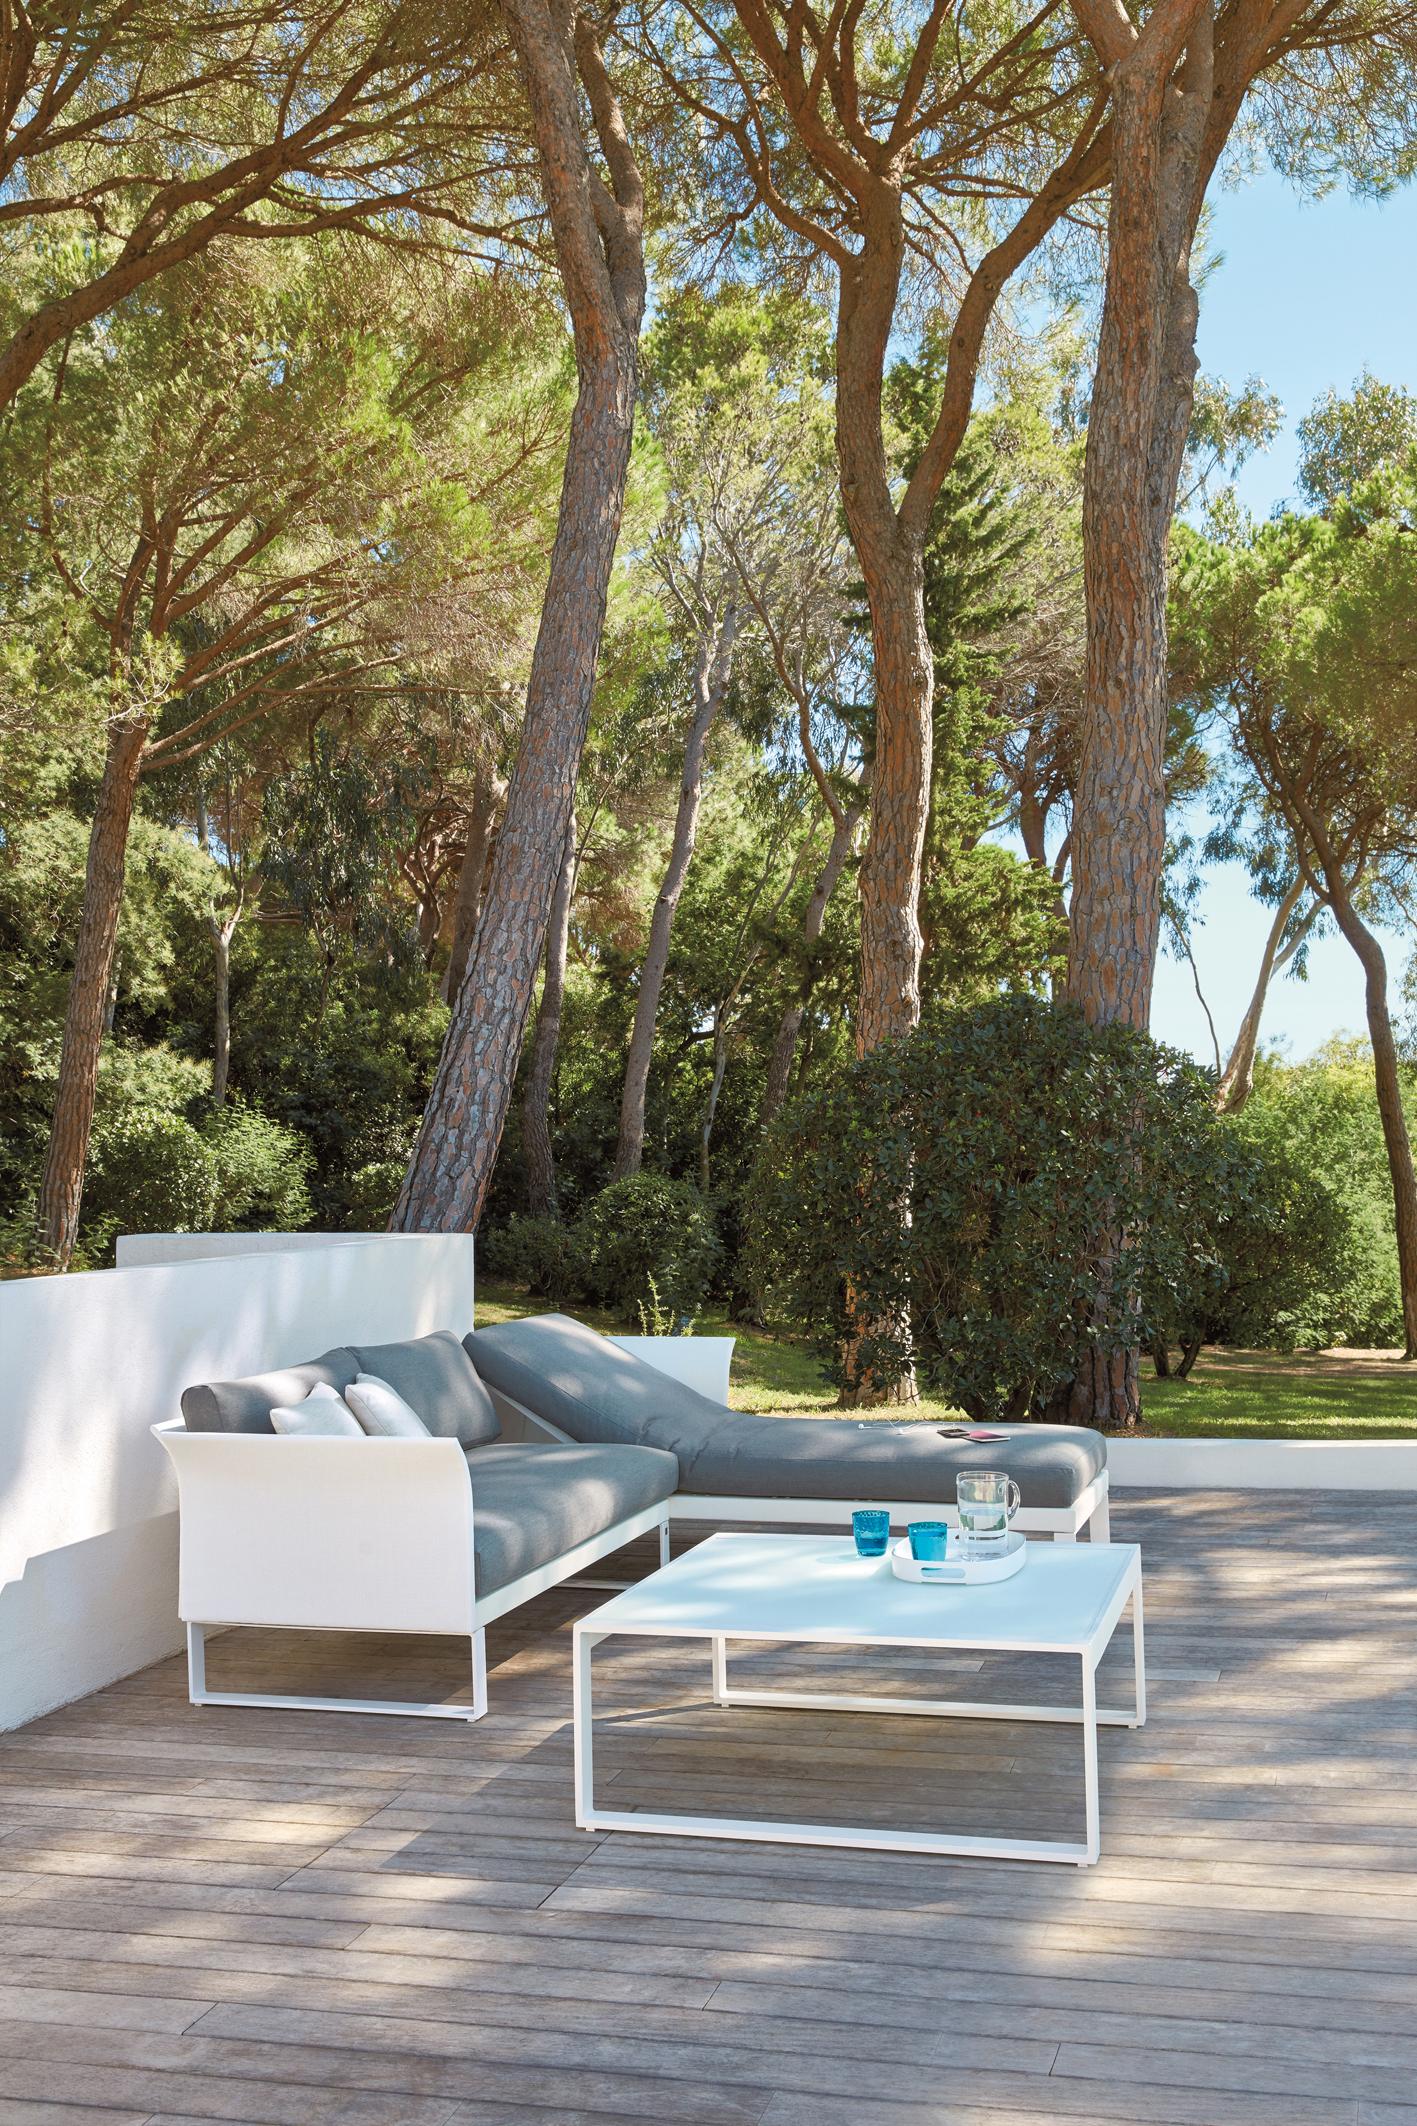 Sifas_Saint_Tropez_PRINCIPALE7423_ok_HD